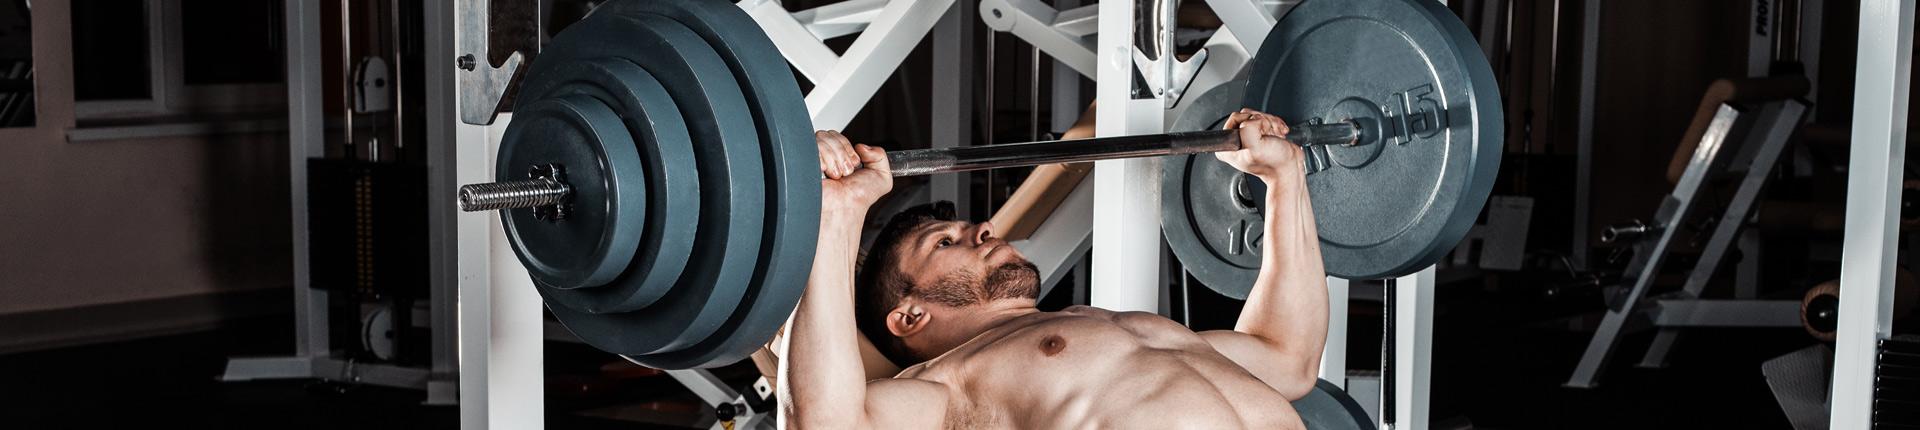 Ćwiczenia izolowane w treningu siłowym - czy ich potrzebujemy?